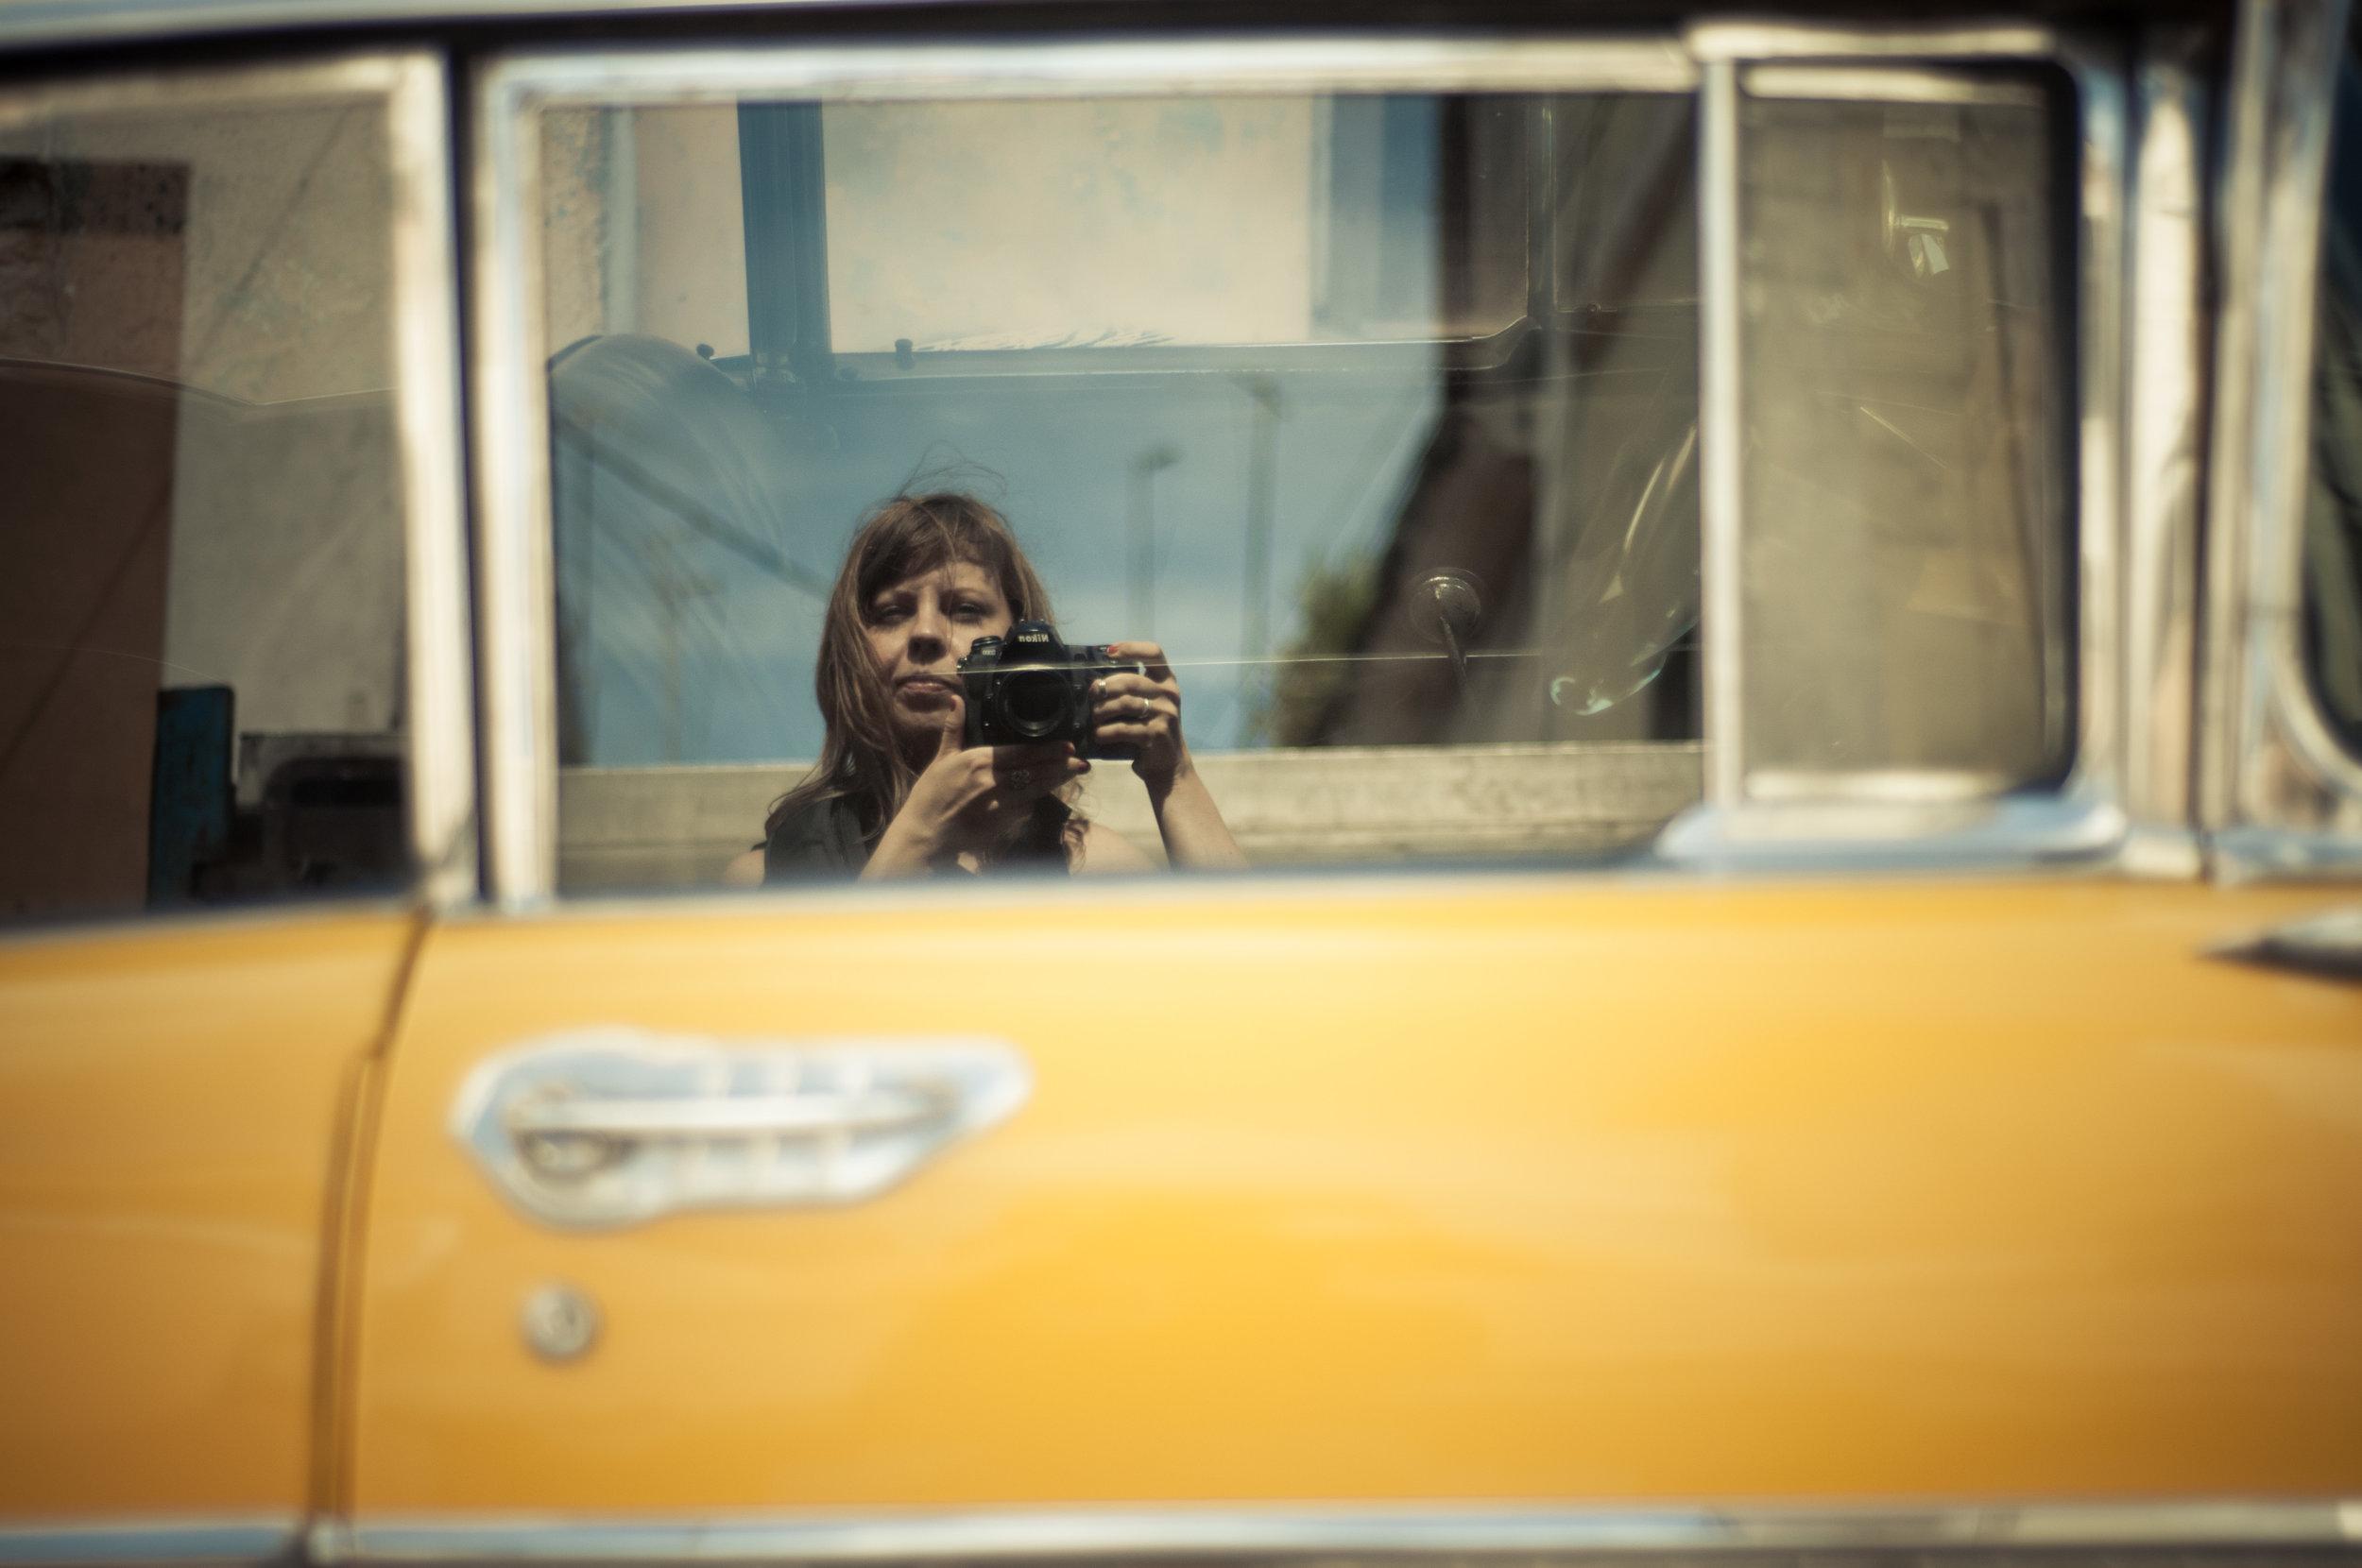 Self Portrait, Cuba 2013